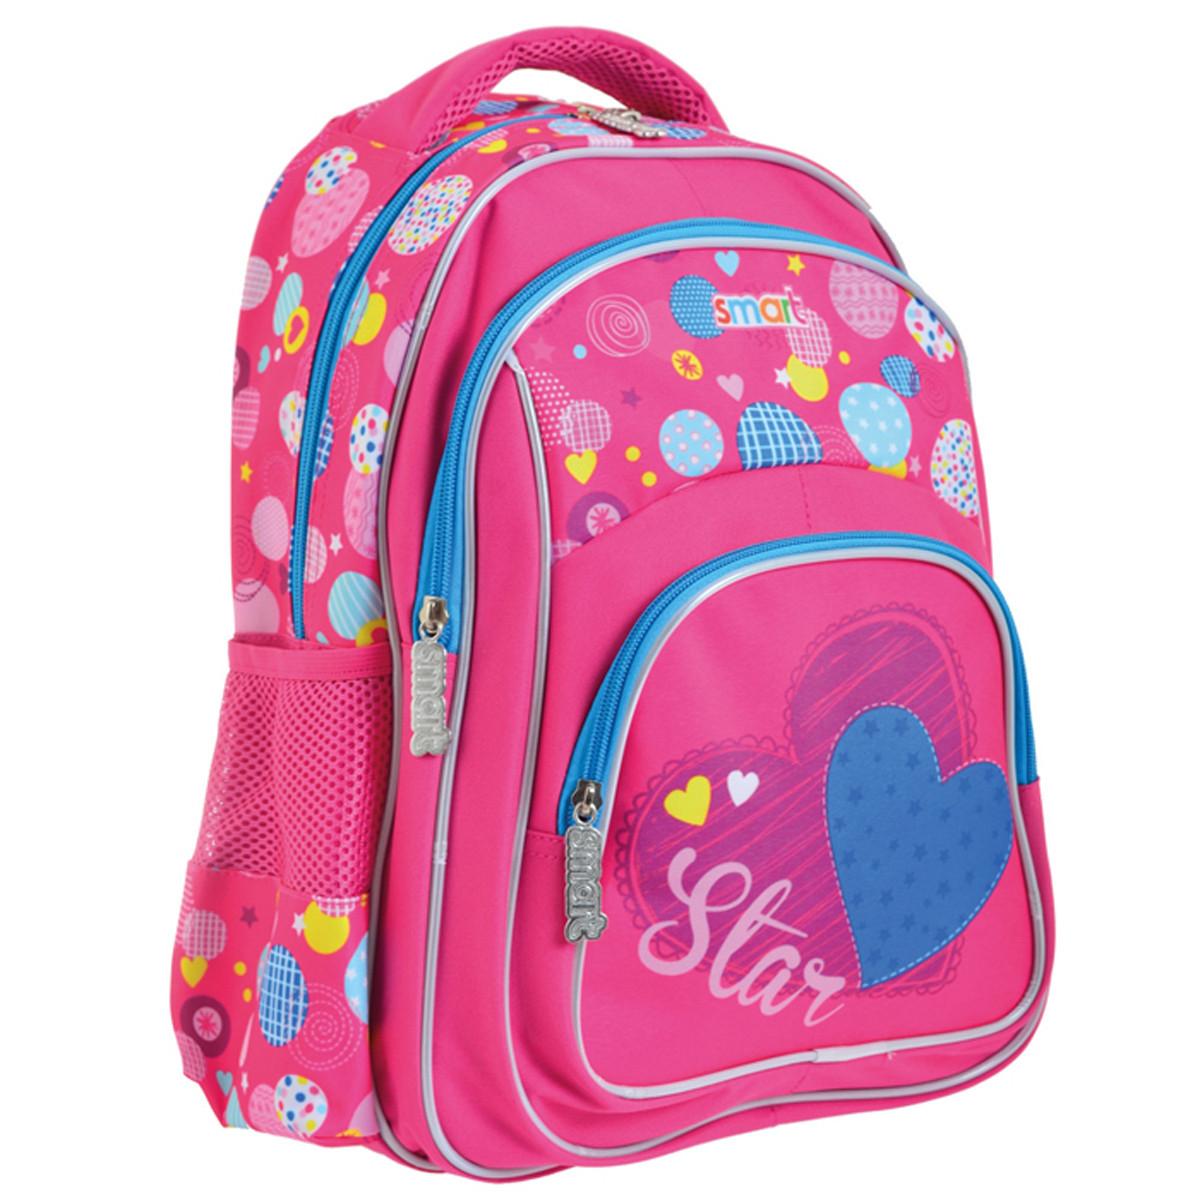 Рюкзак школьный Smart ZZ-01 Сolourful spots код: 556807